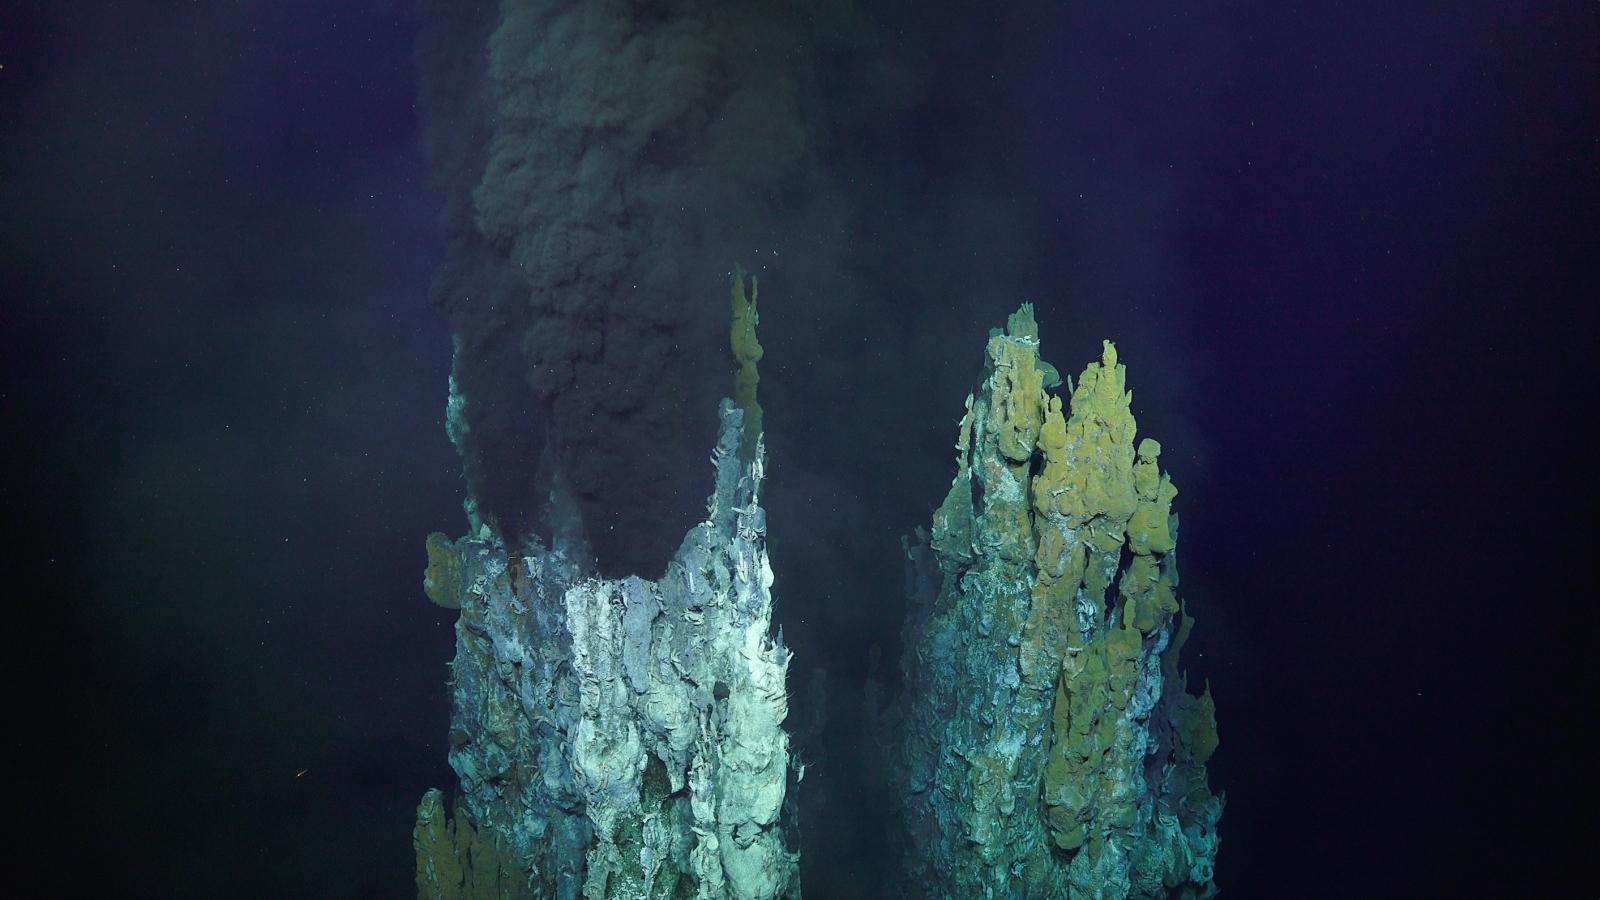 Учёные НАСА воспроизвели образование важной «молекулы жизни» в подводных горячих источниках